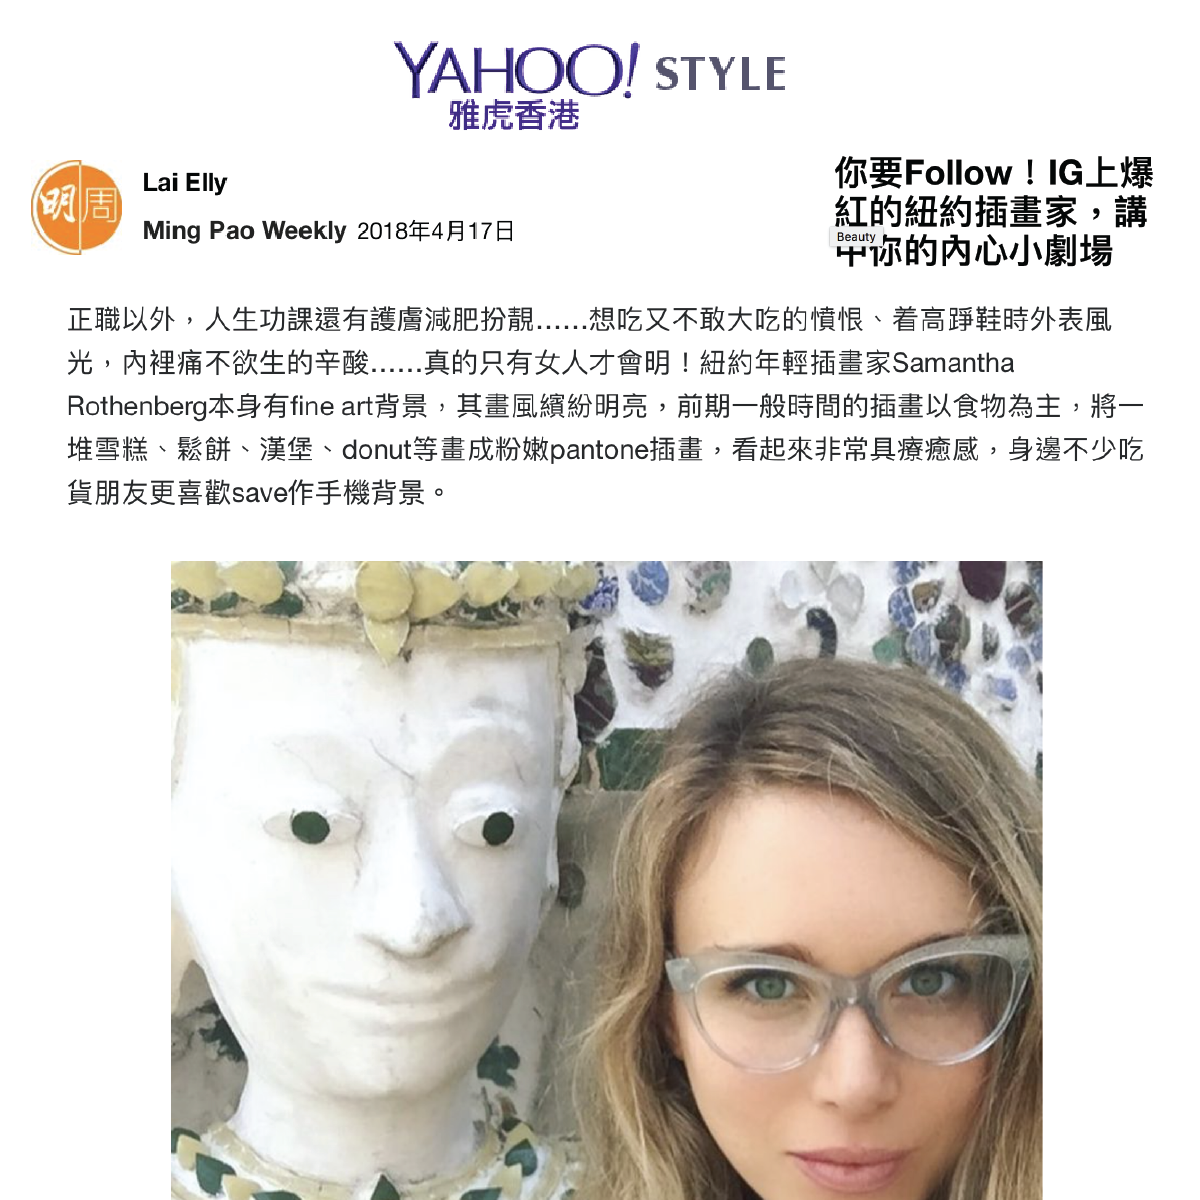 Yahoo Style Hong Kong